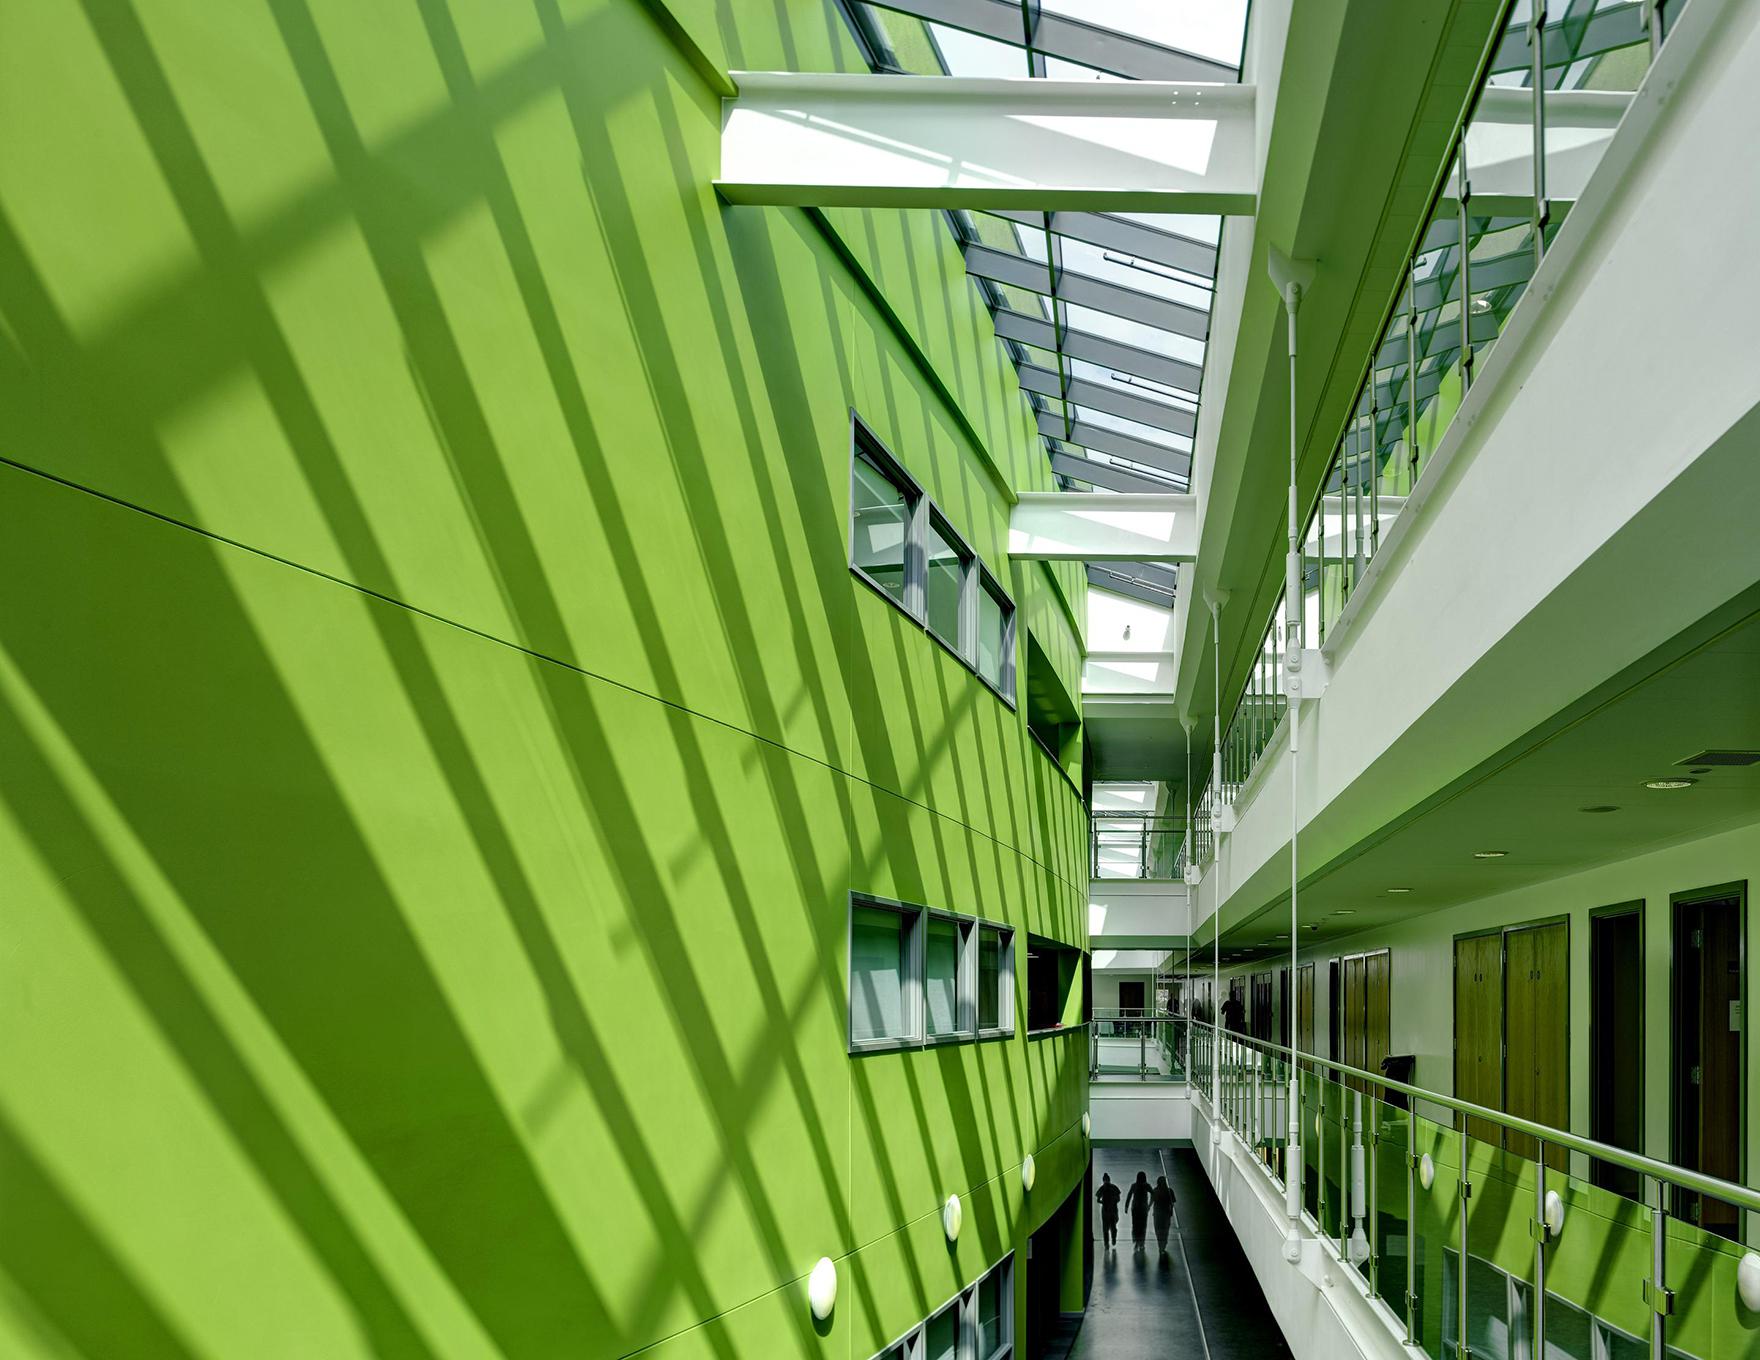 Inspirational Schools Design Ashton Campus Rooflit Atrium L